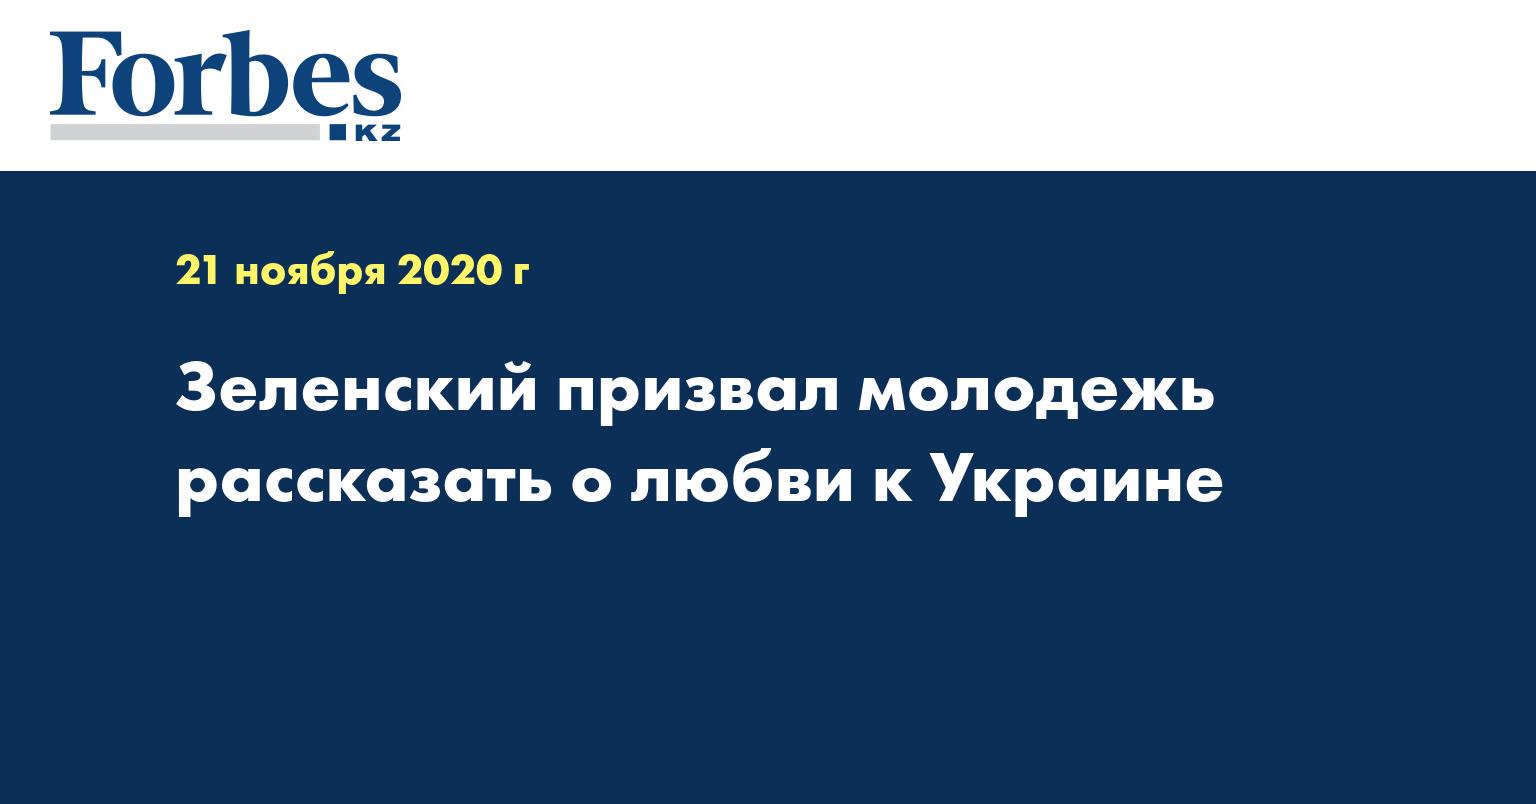 Зеленский призвал молодежь рассказать о любви к Украине